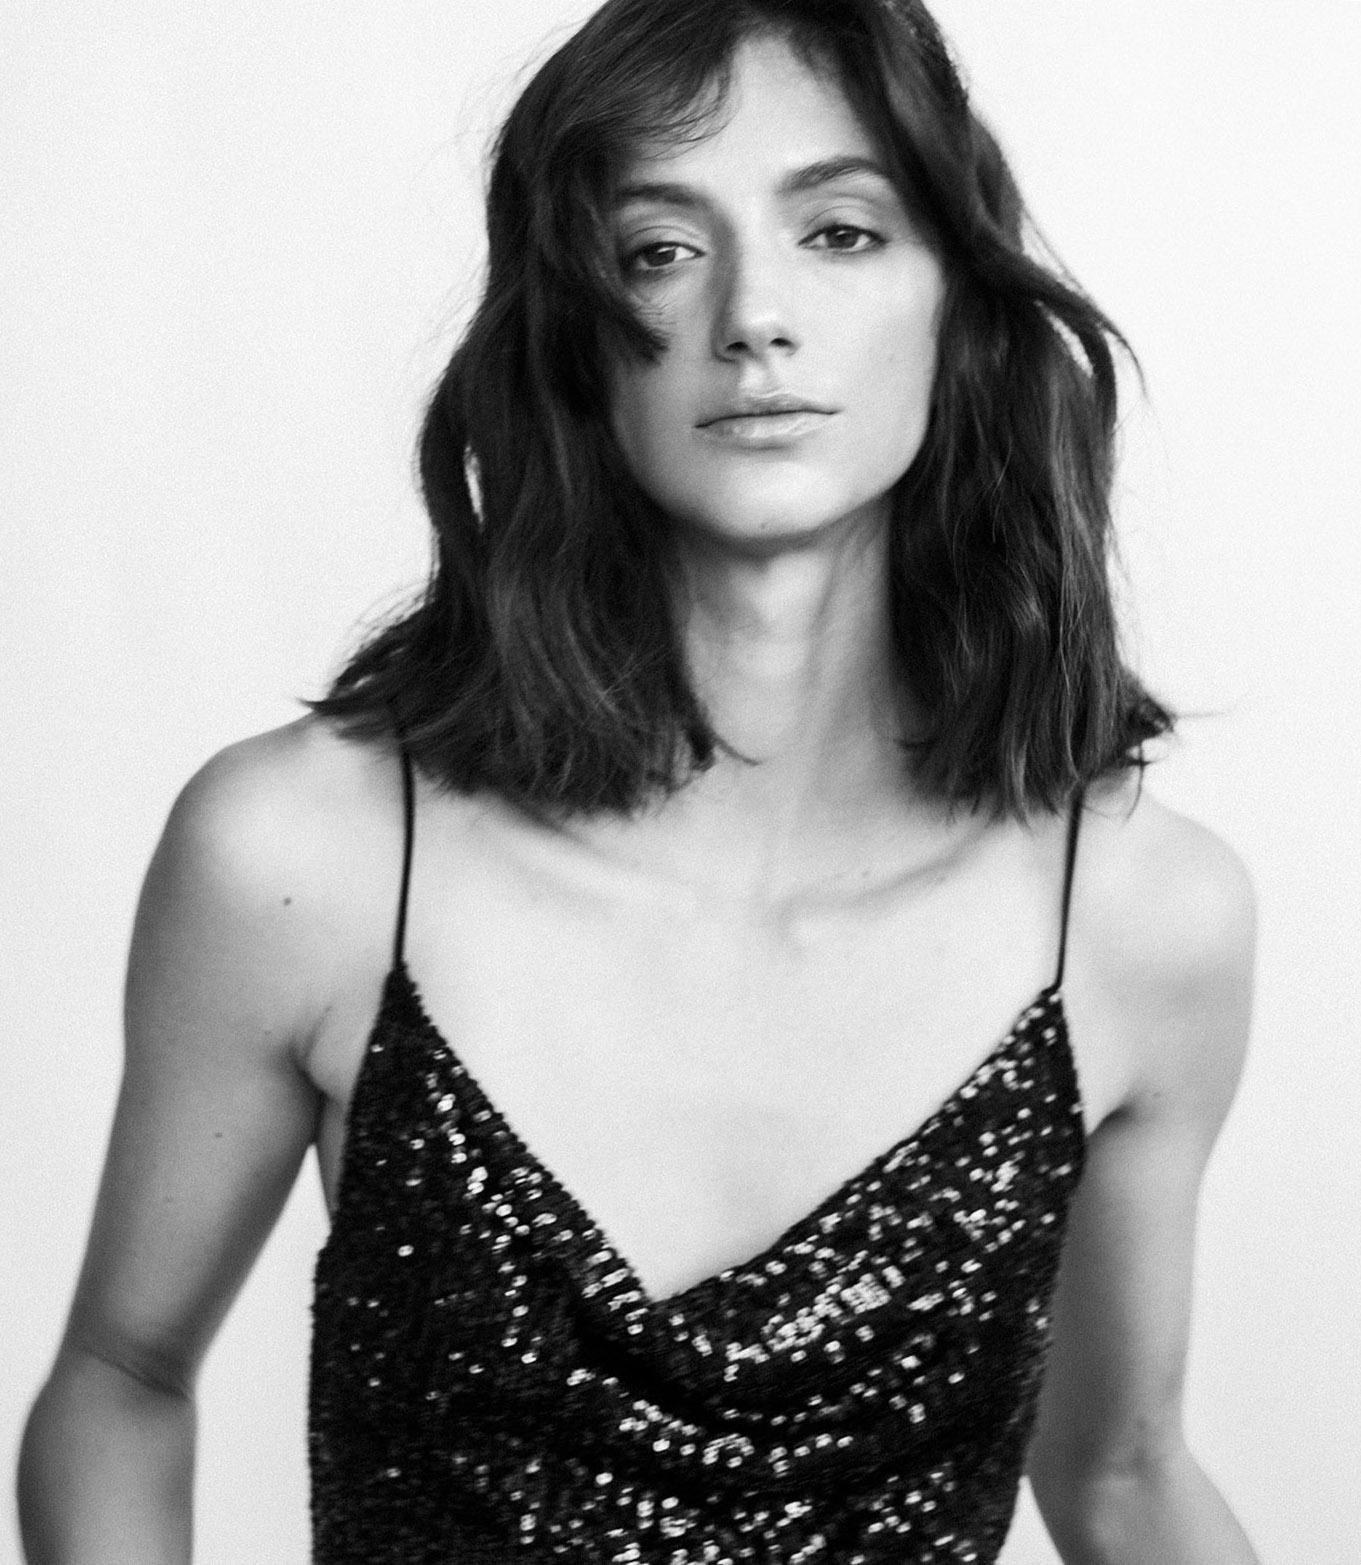 Joana Castro 29